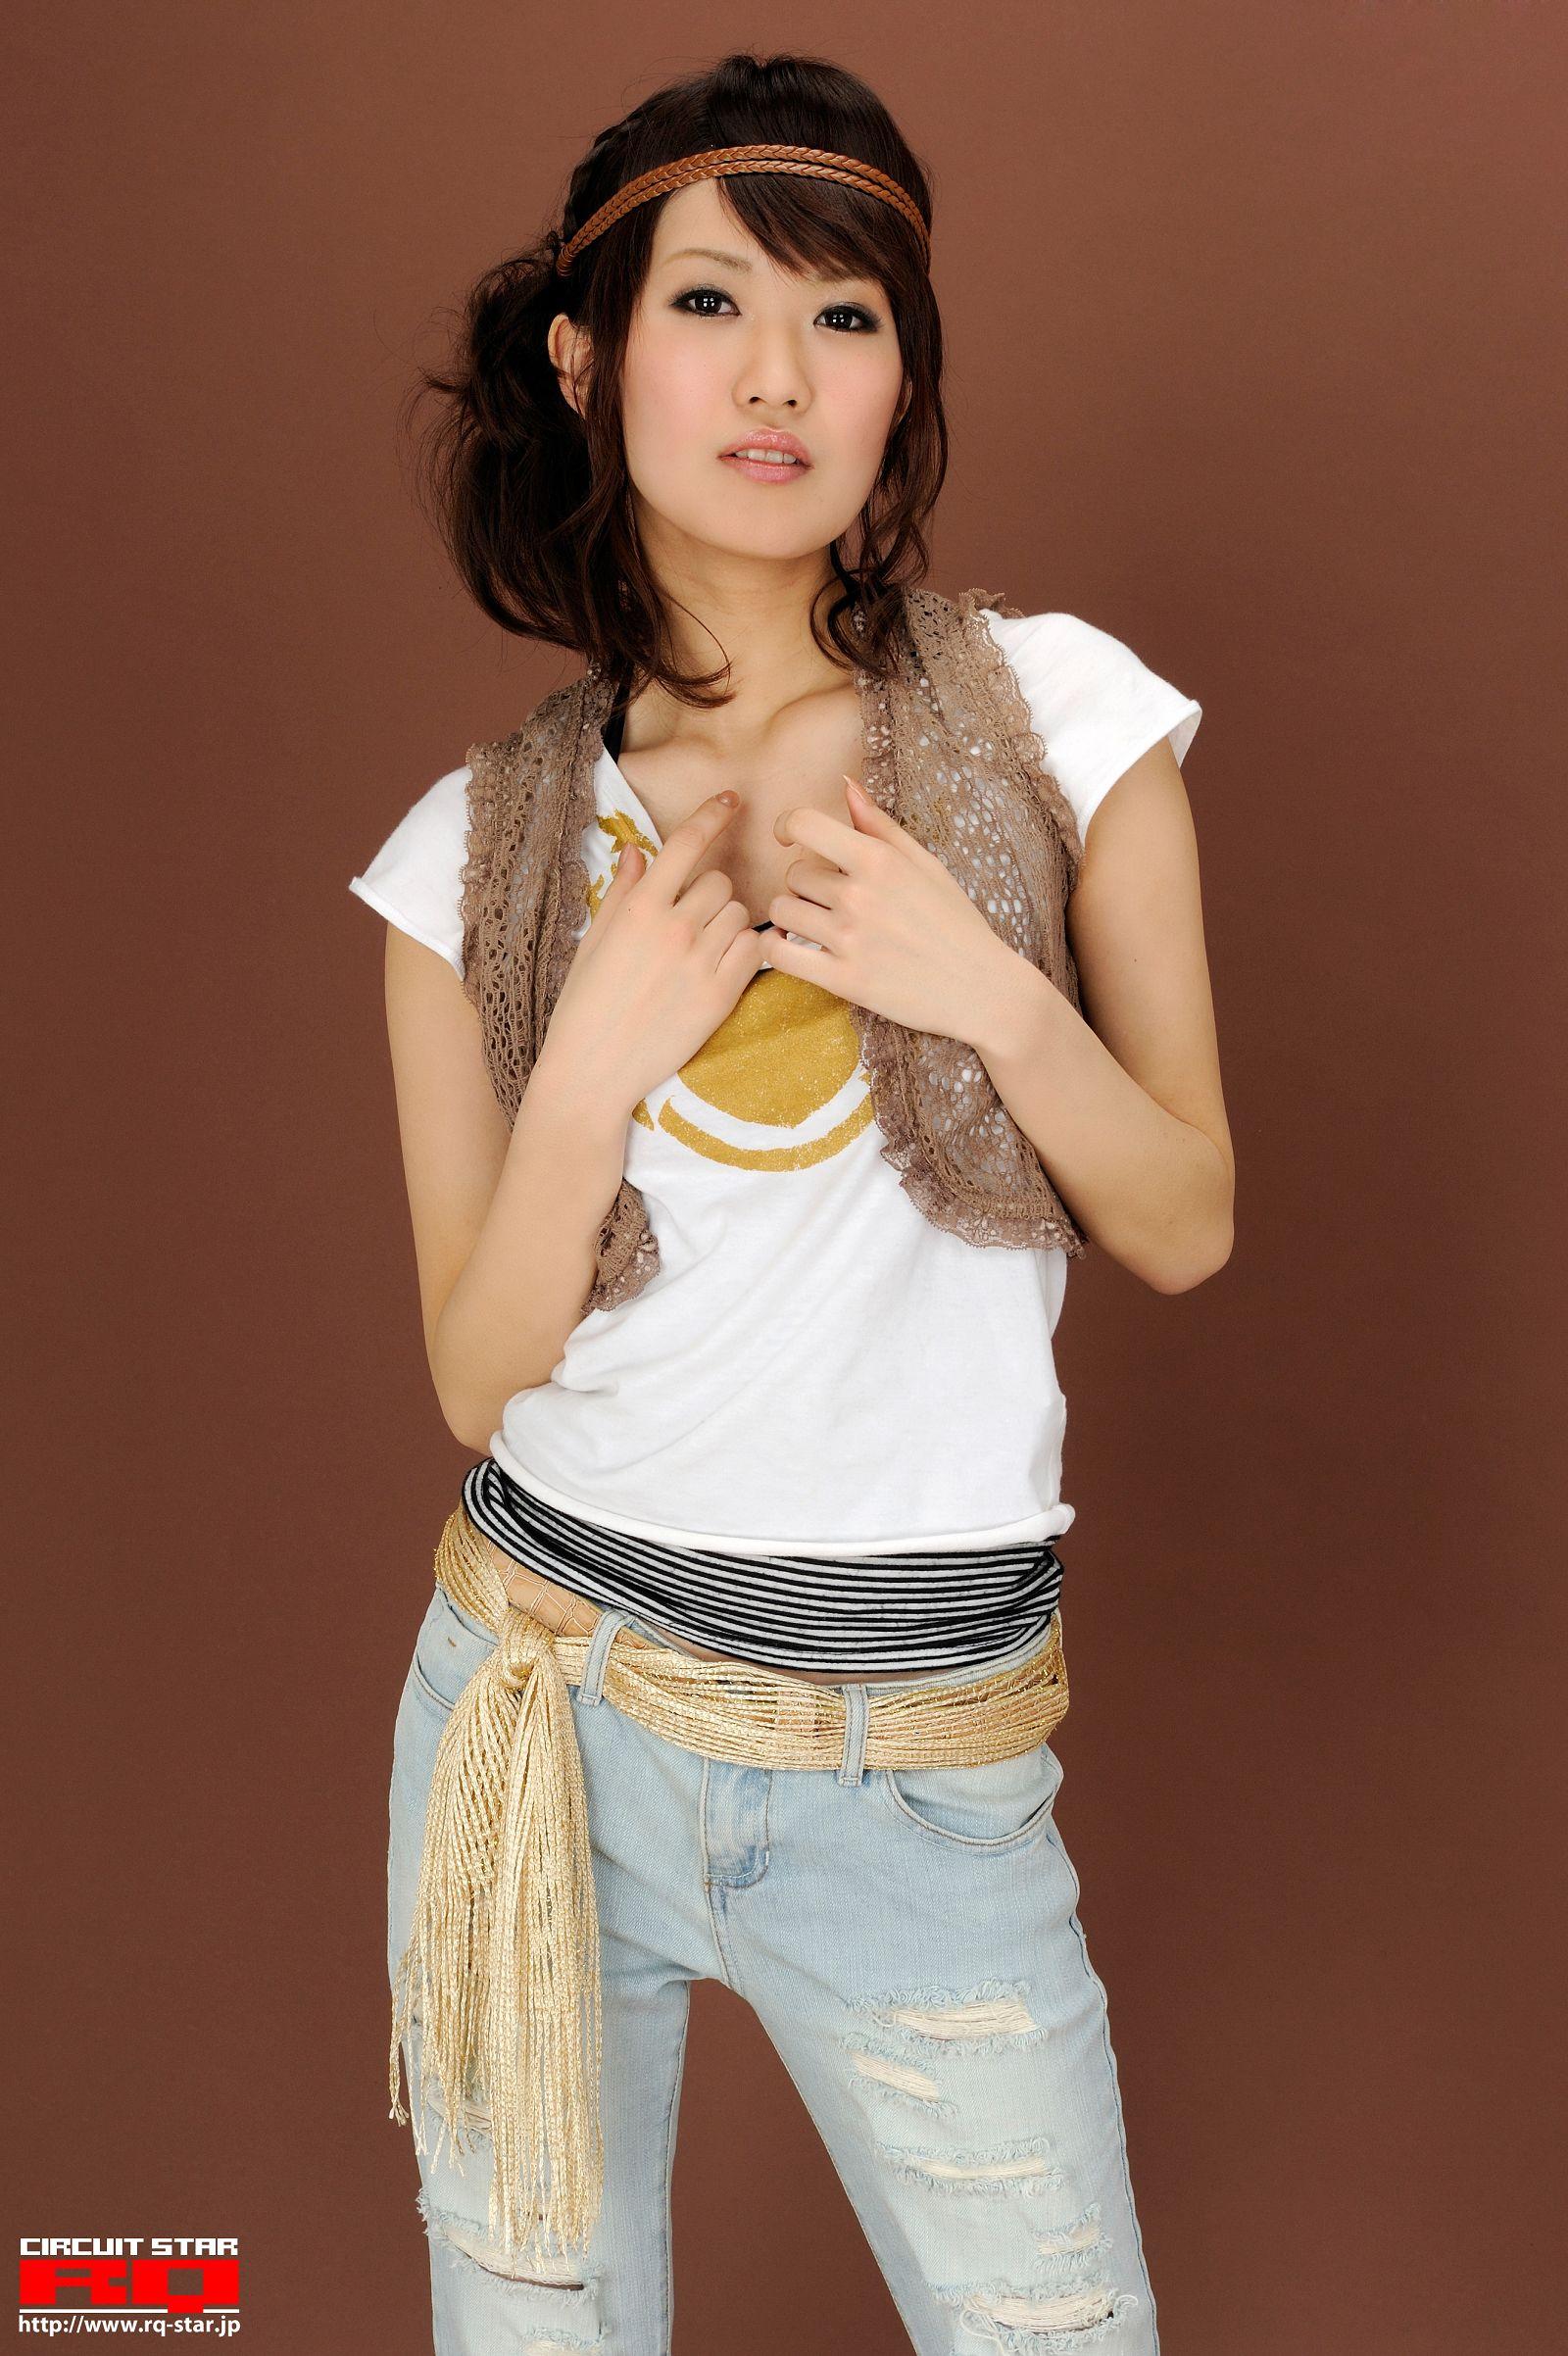 [RQ STAR美女] NO.0268 Megumi Fukuoka 福岡愛 Private Dress[54P] RQ STAR 第3张